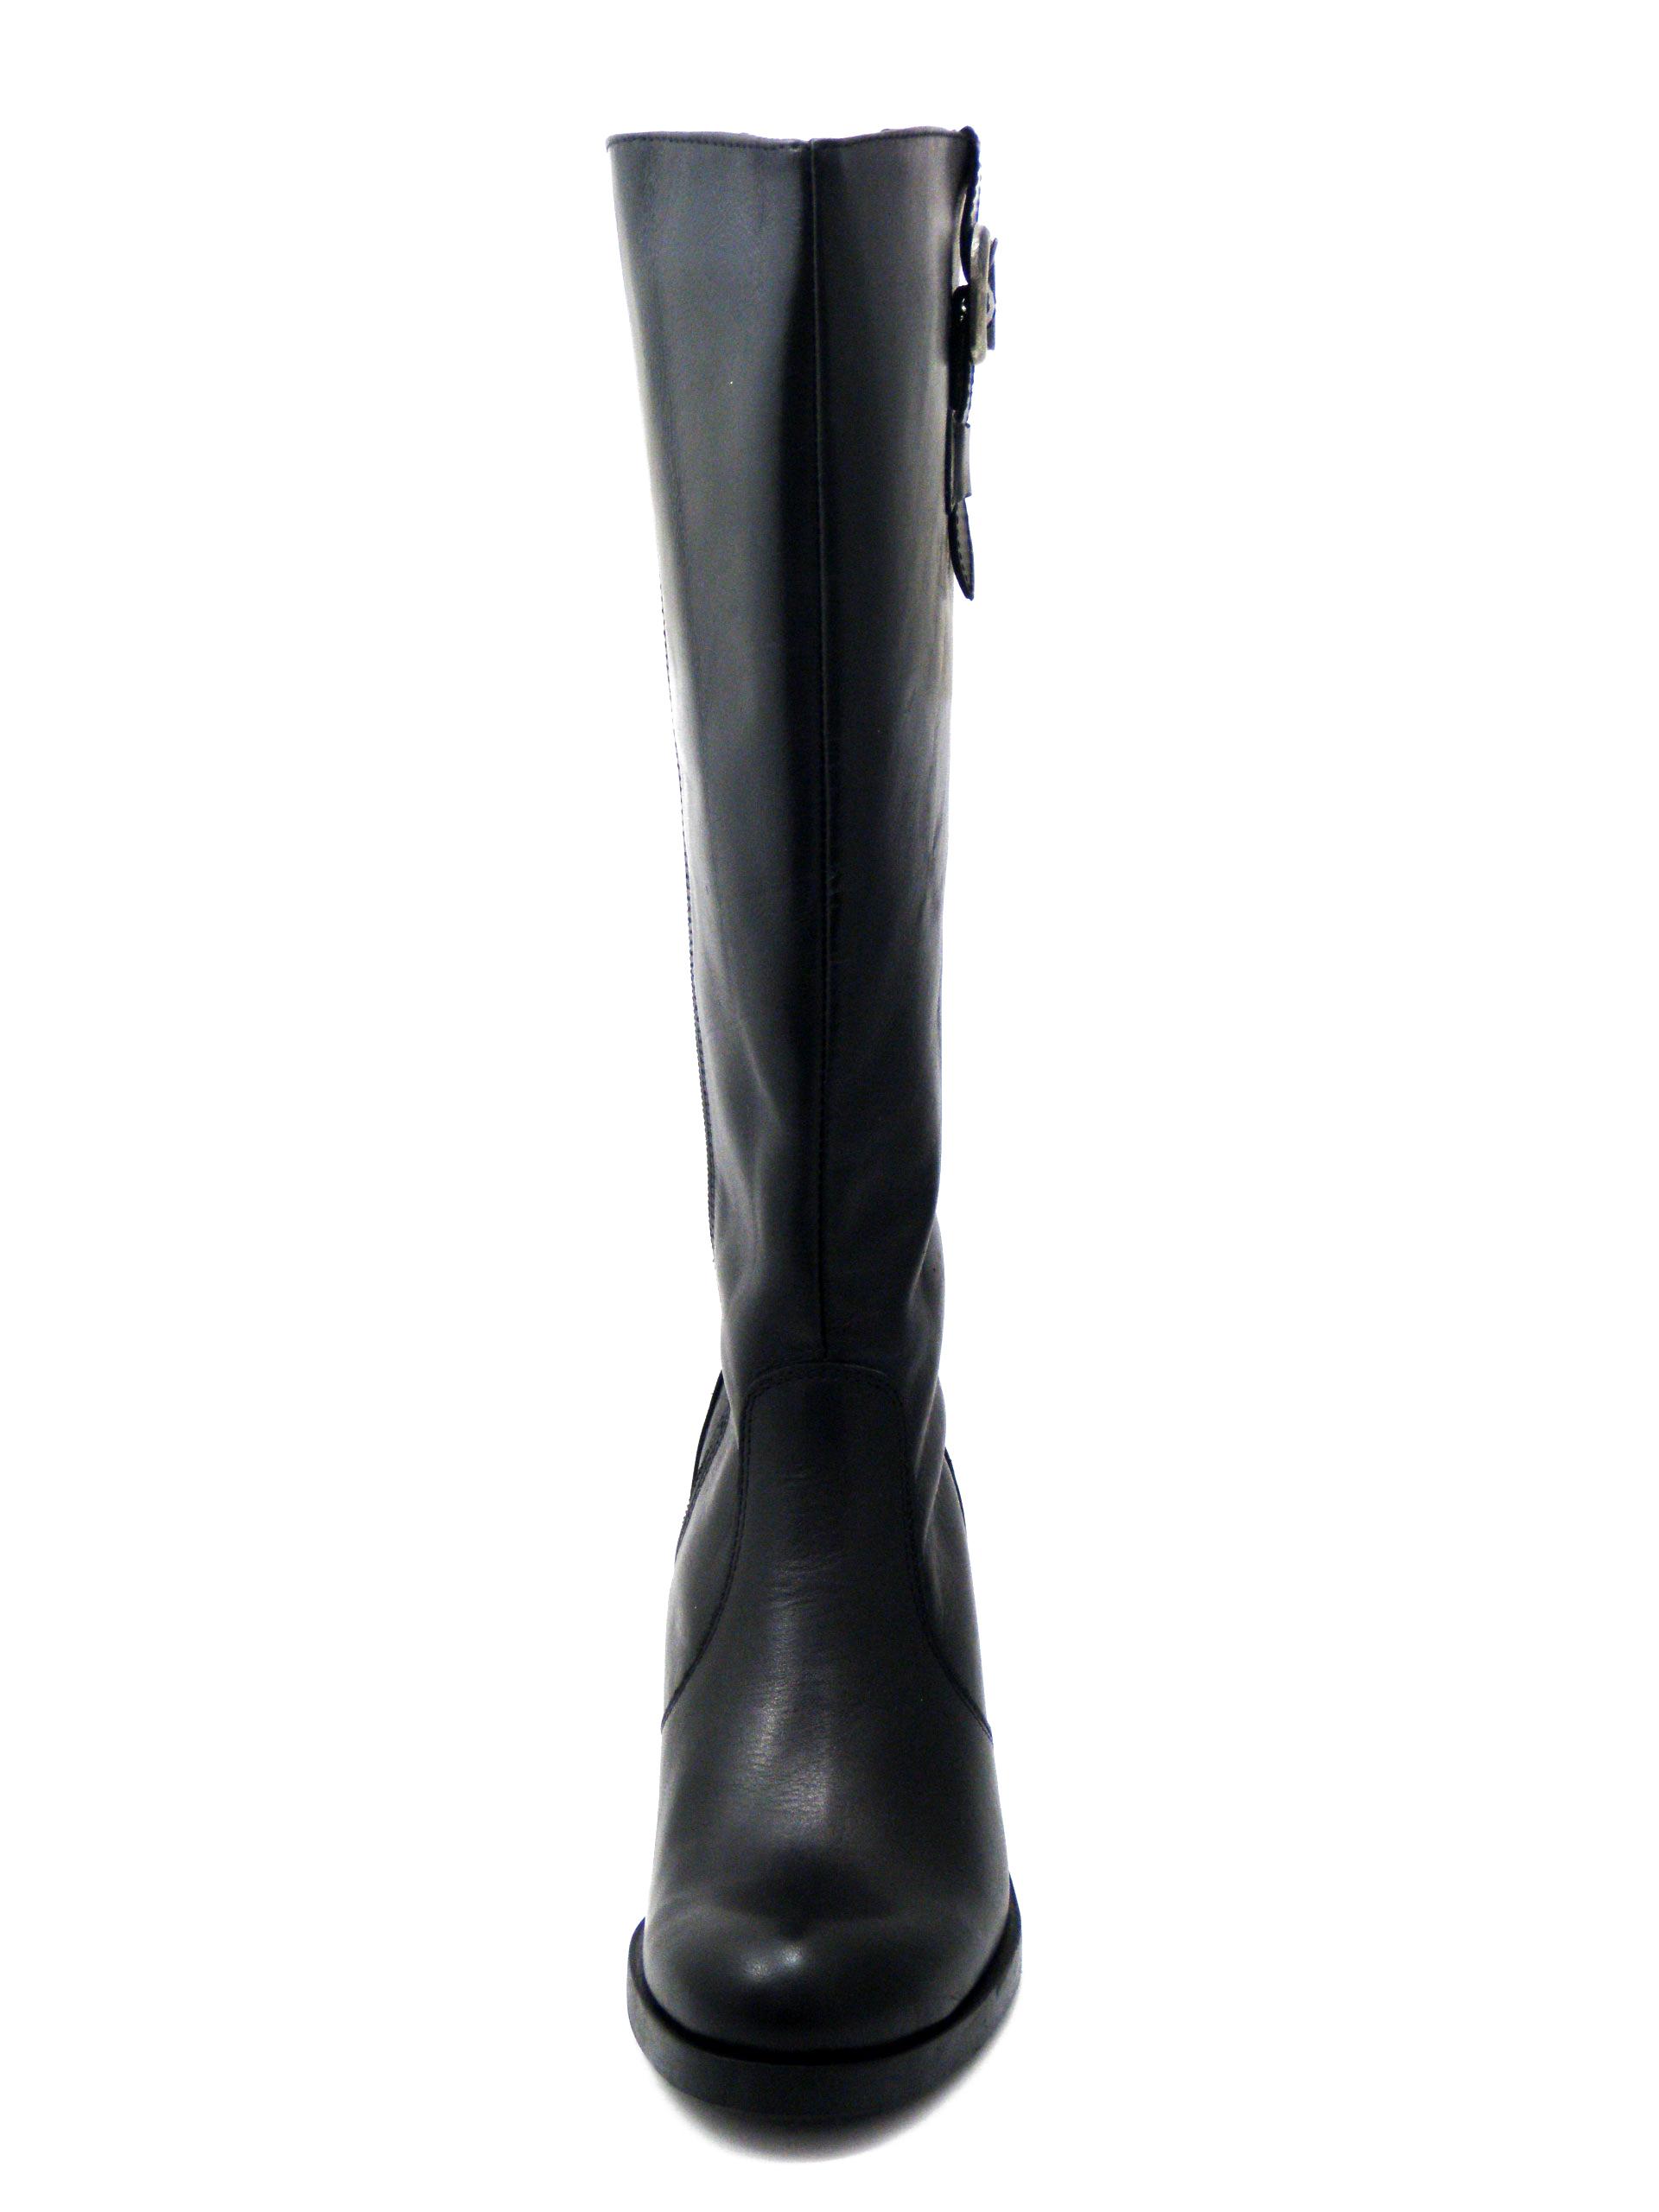 Stivali Donna in Pelle Nero, Modello XXL gamba calibrata